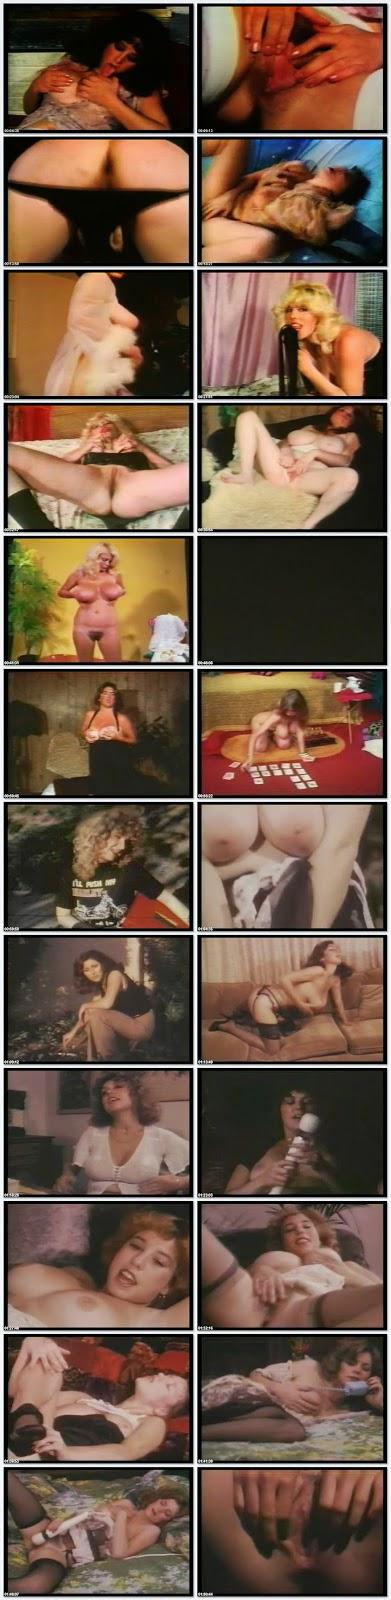 Amateur hookers 1972 - 3 part 3